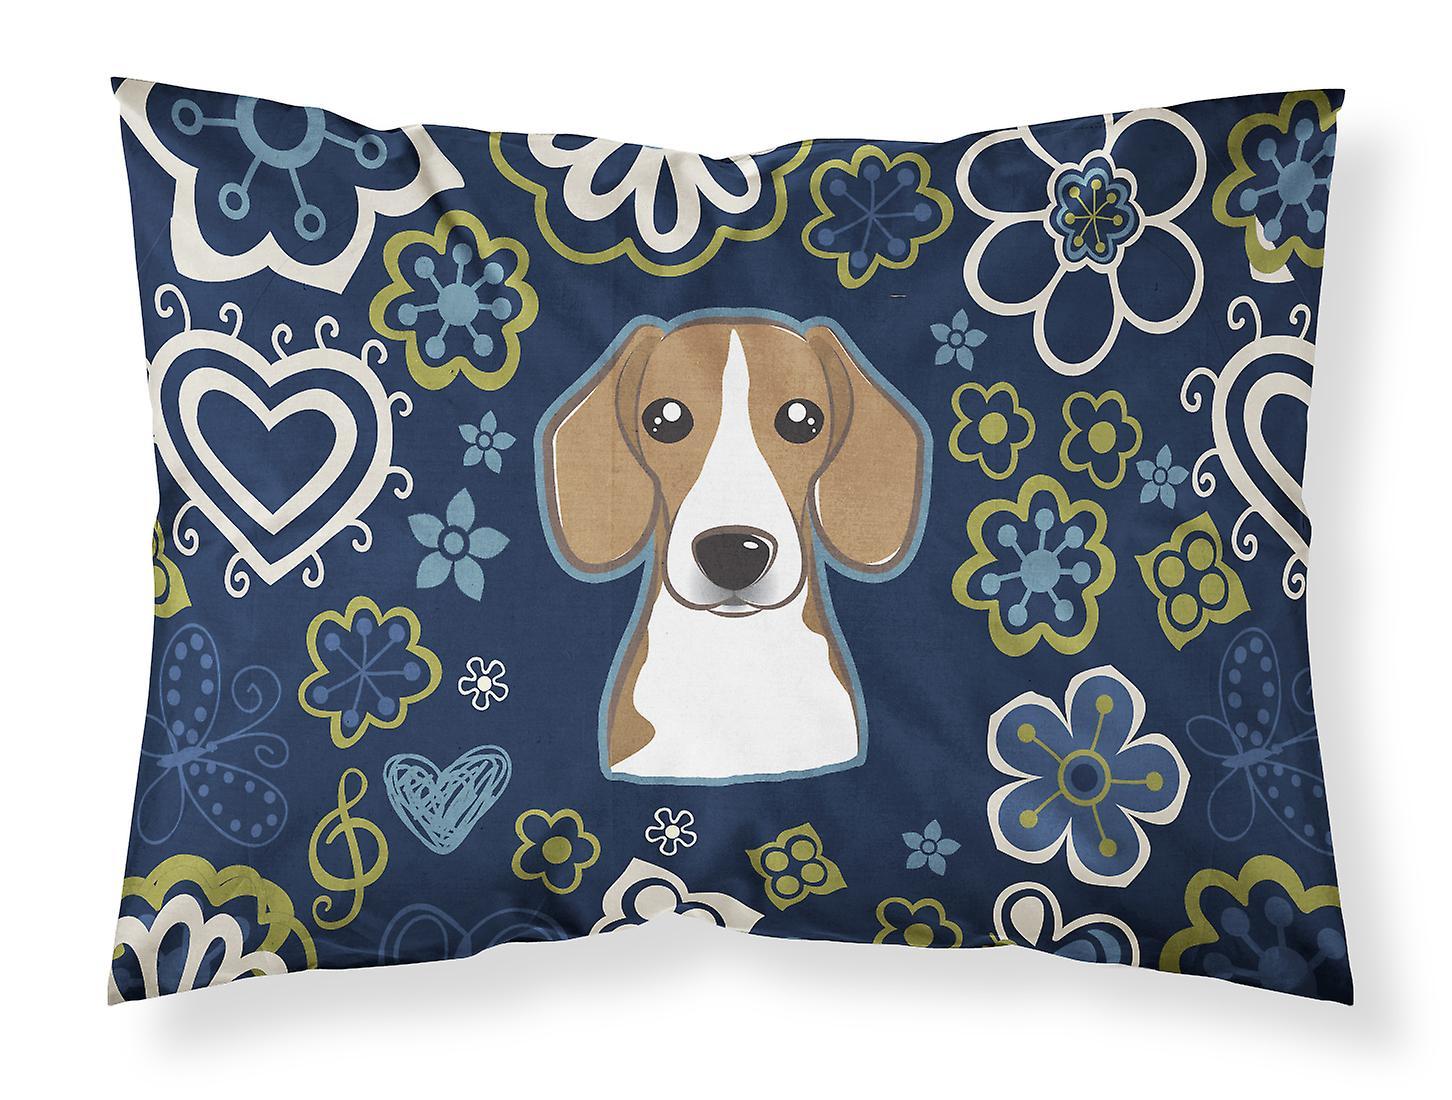 D'oreiller De Bleues Taie Standard Beagle Fleurs Tissu lc1TFKJ3